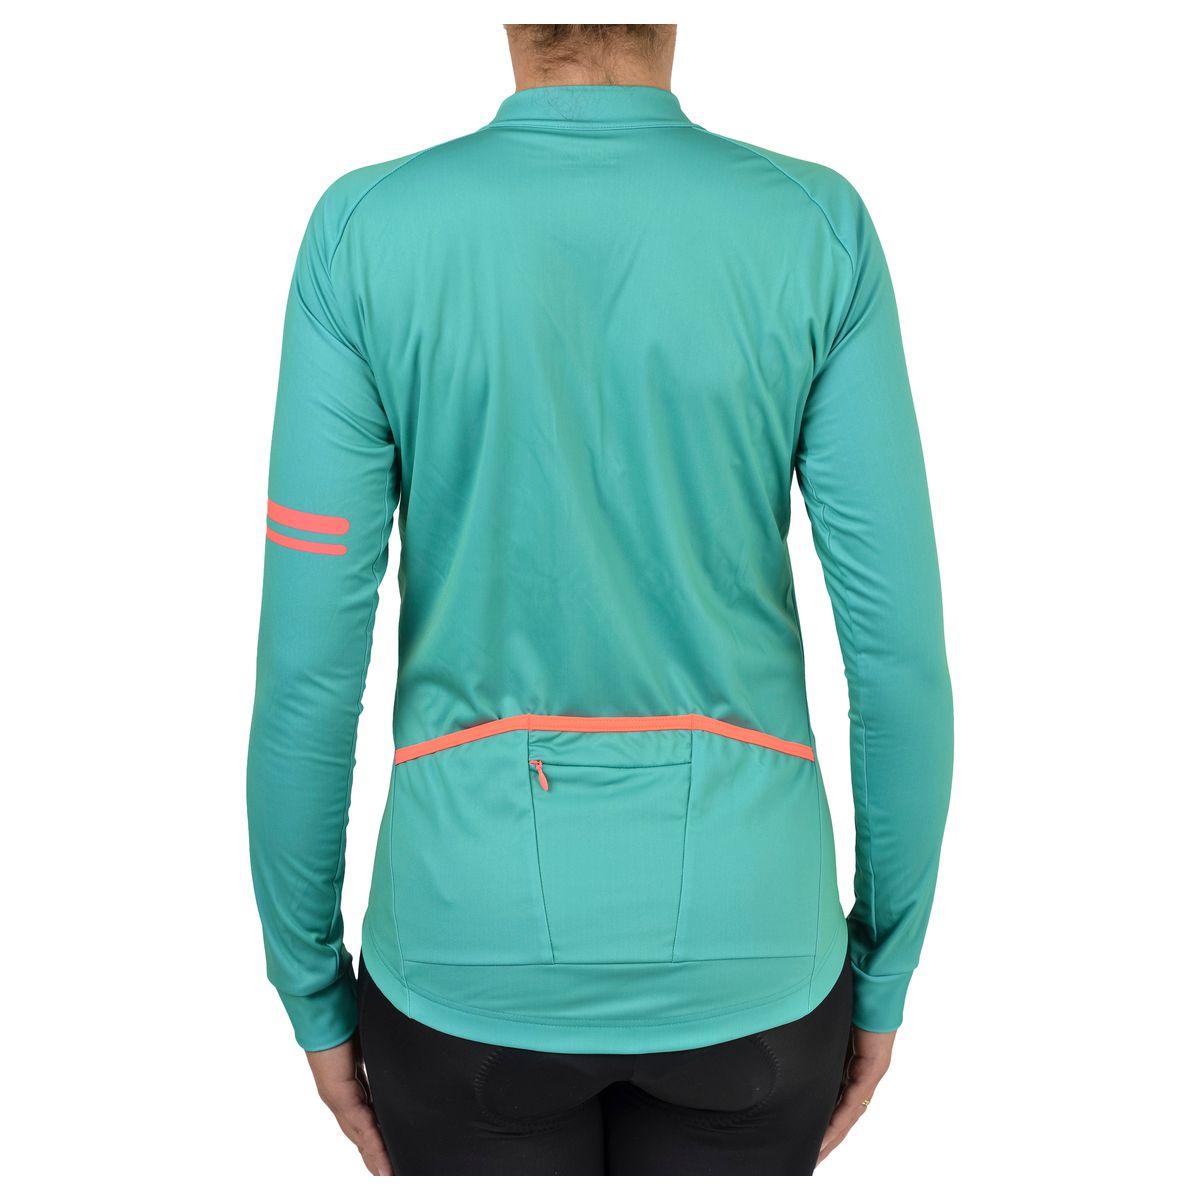 Solid Fietsshirt Lange Mouwen Trend Dames fit example